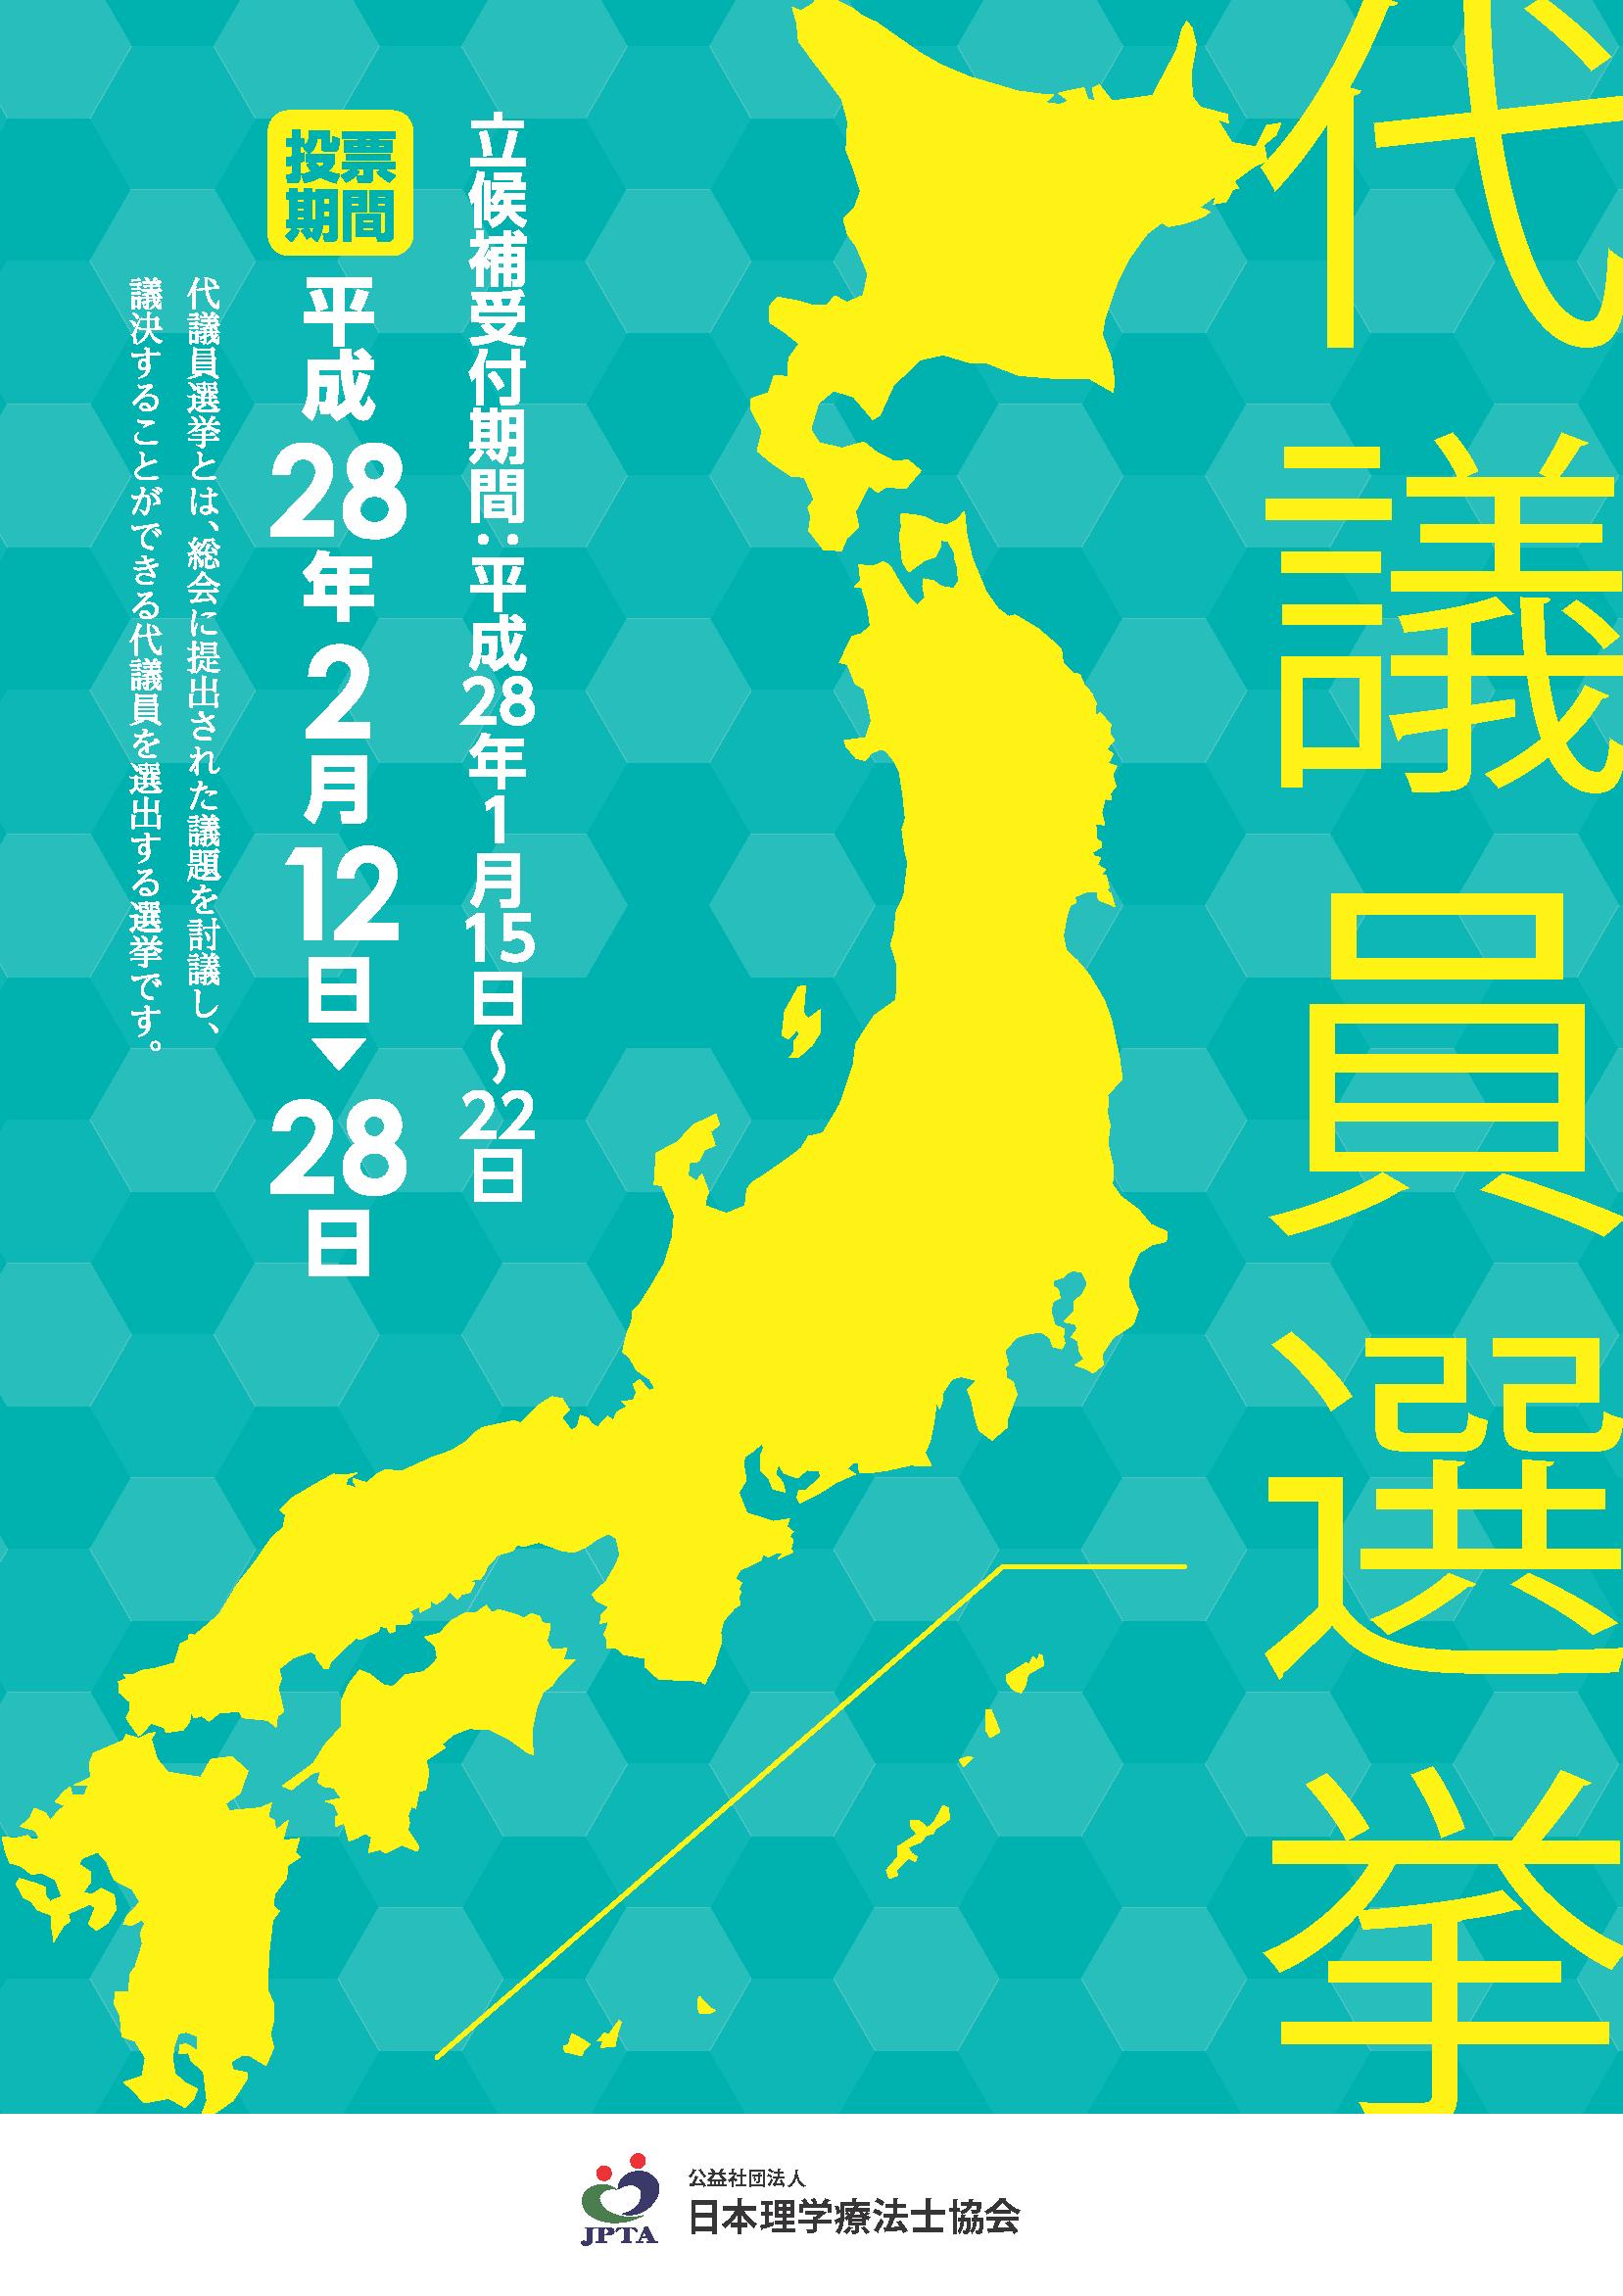 士 日本 マイ 療法 ページ 協会 理学